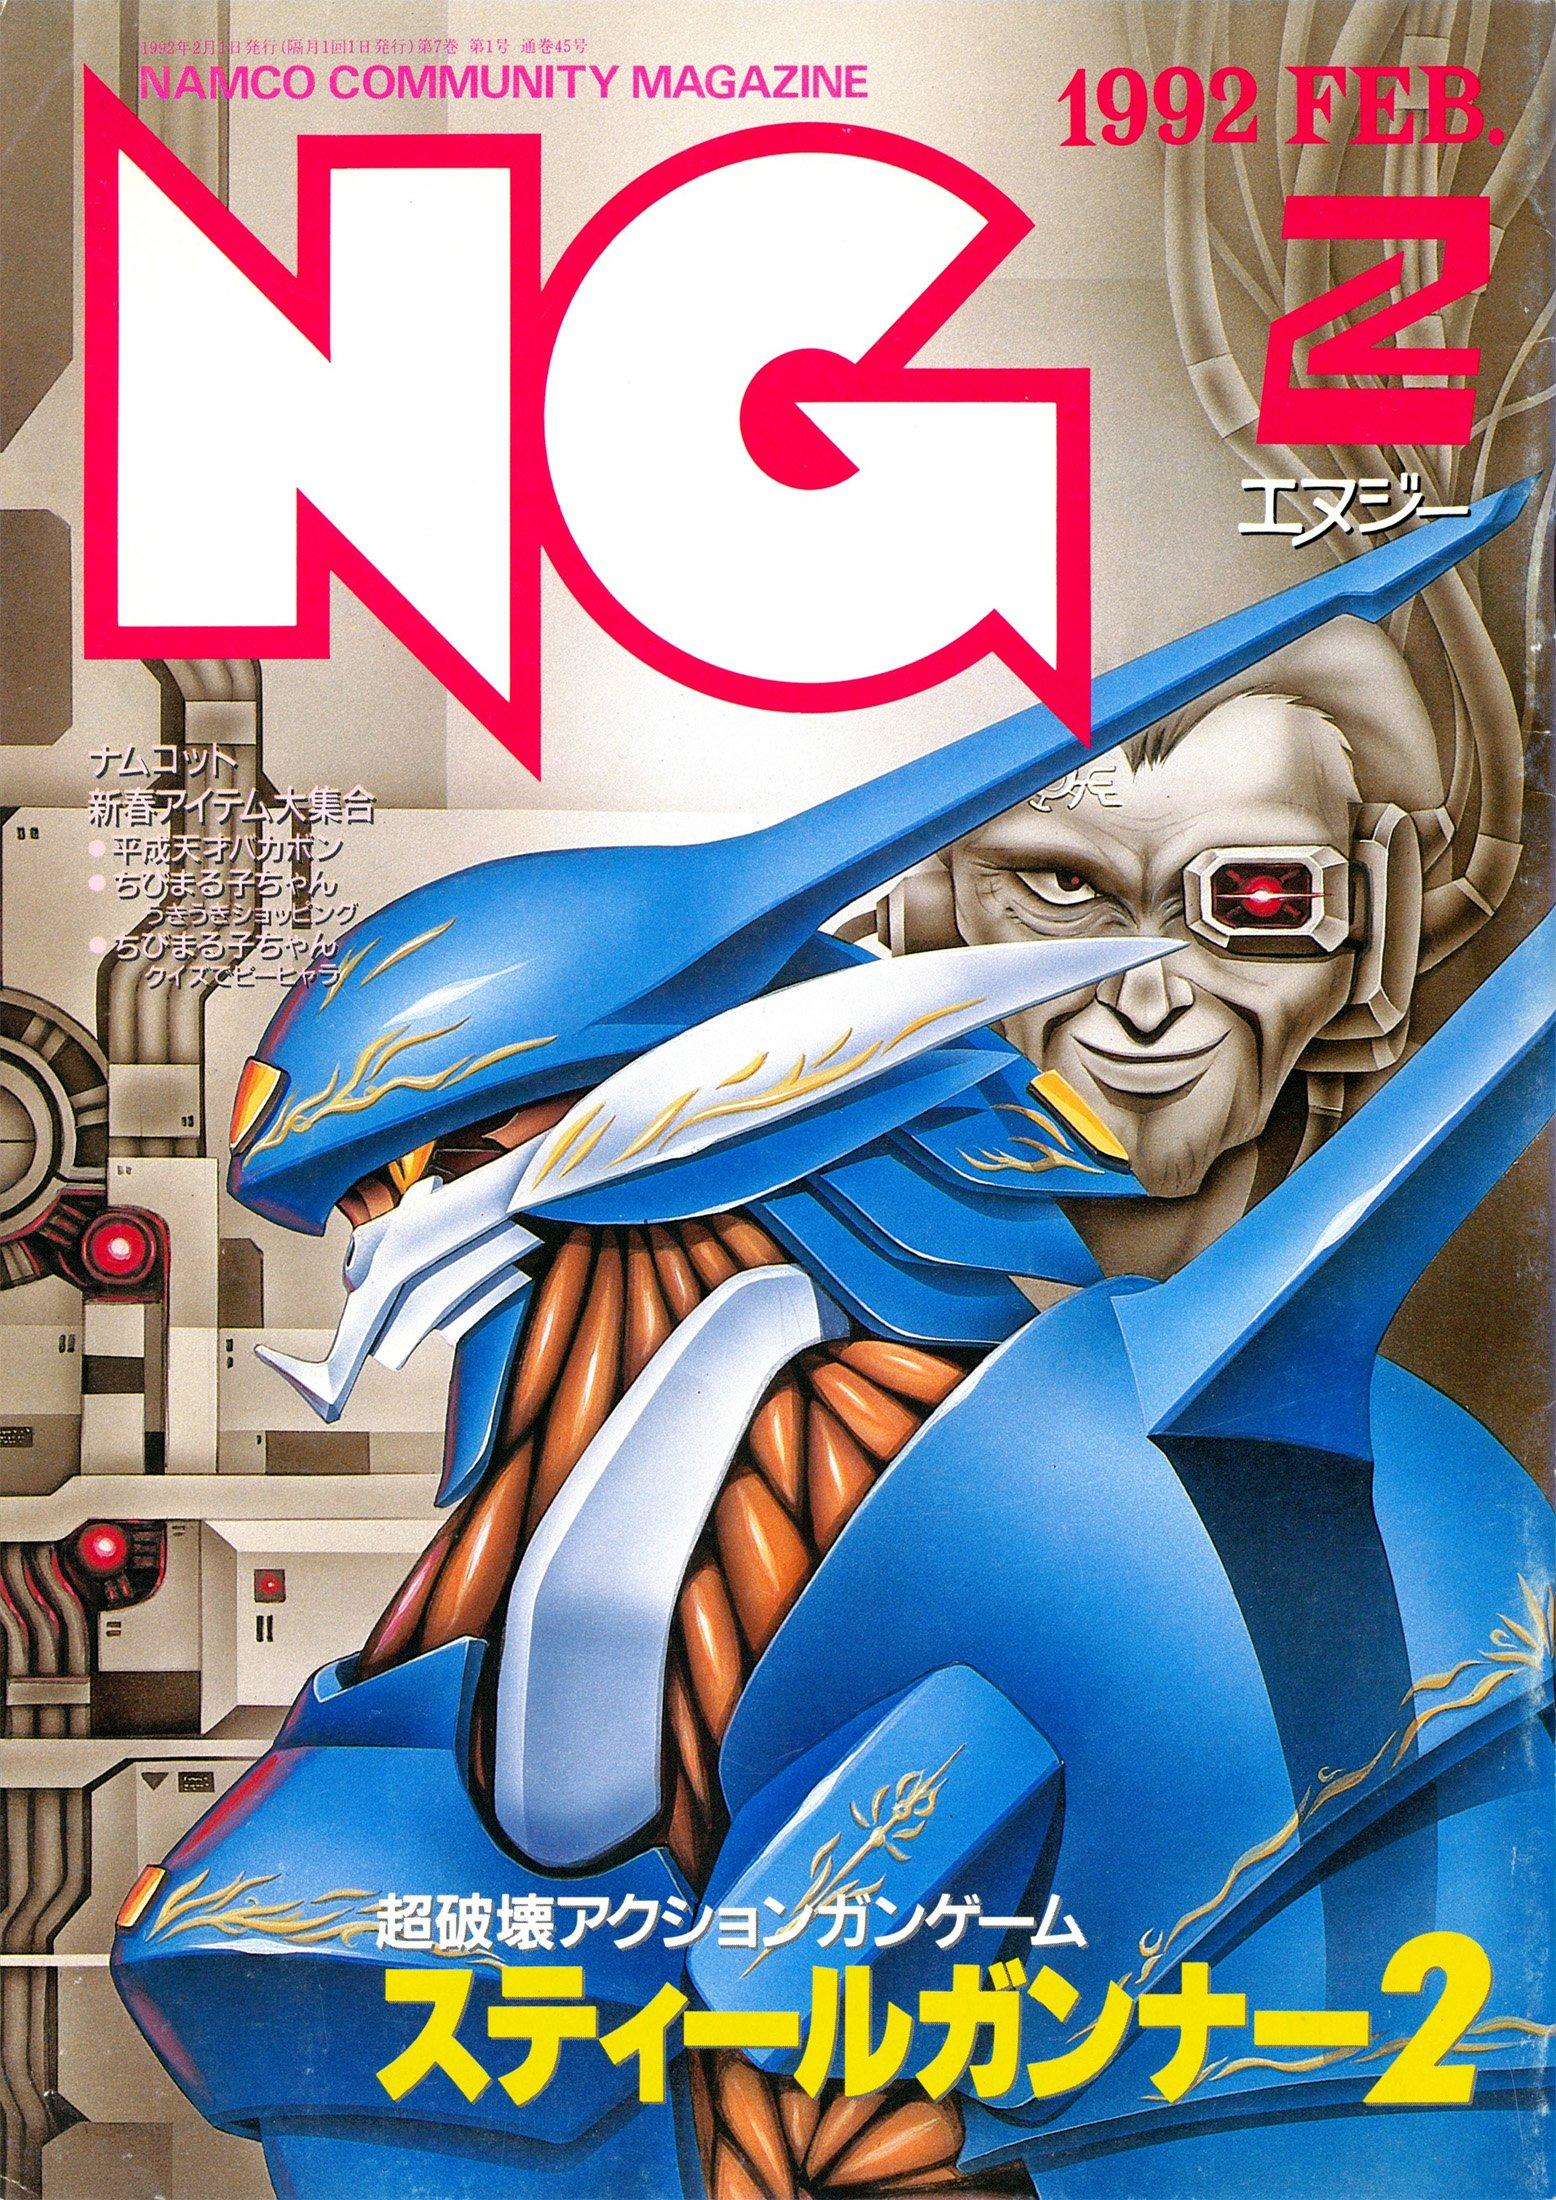 NG Namco Community Magazine Issue 45 (February 1992)